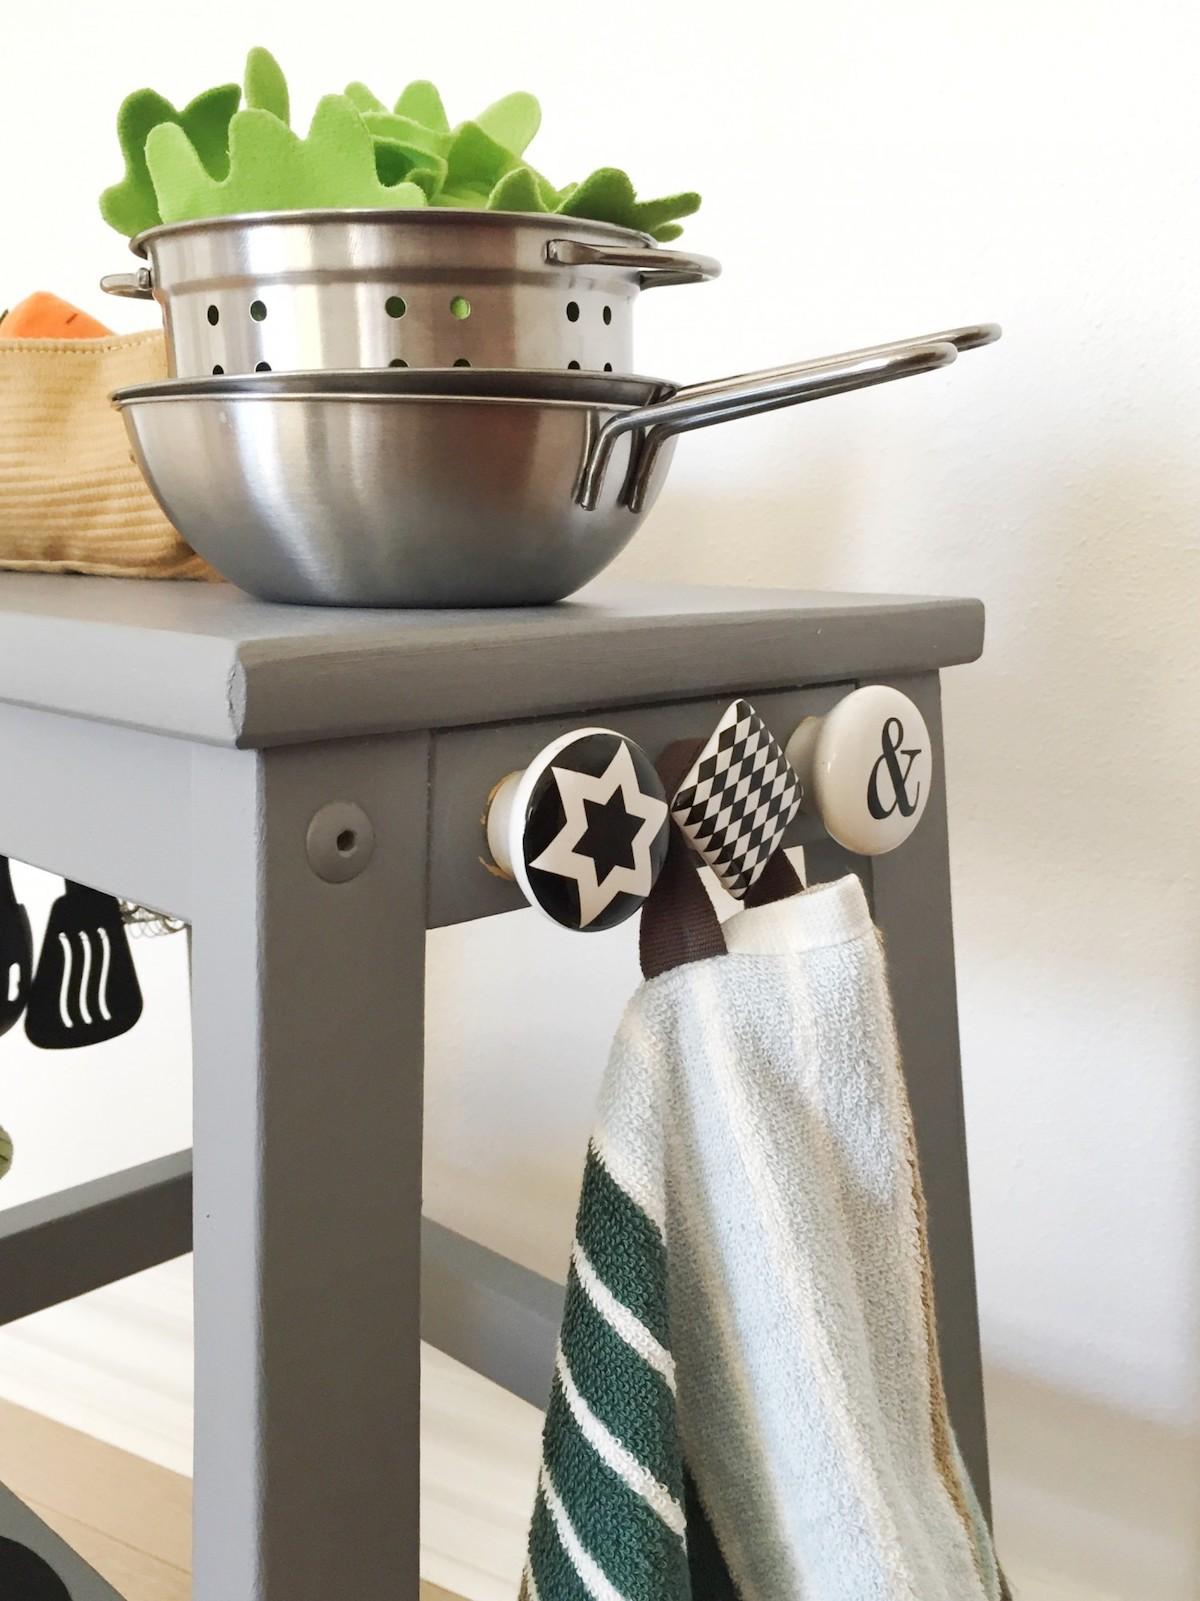 tabouret bois gris cuisinière enfant poignées rondes noires et blanches